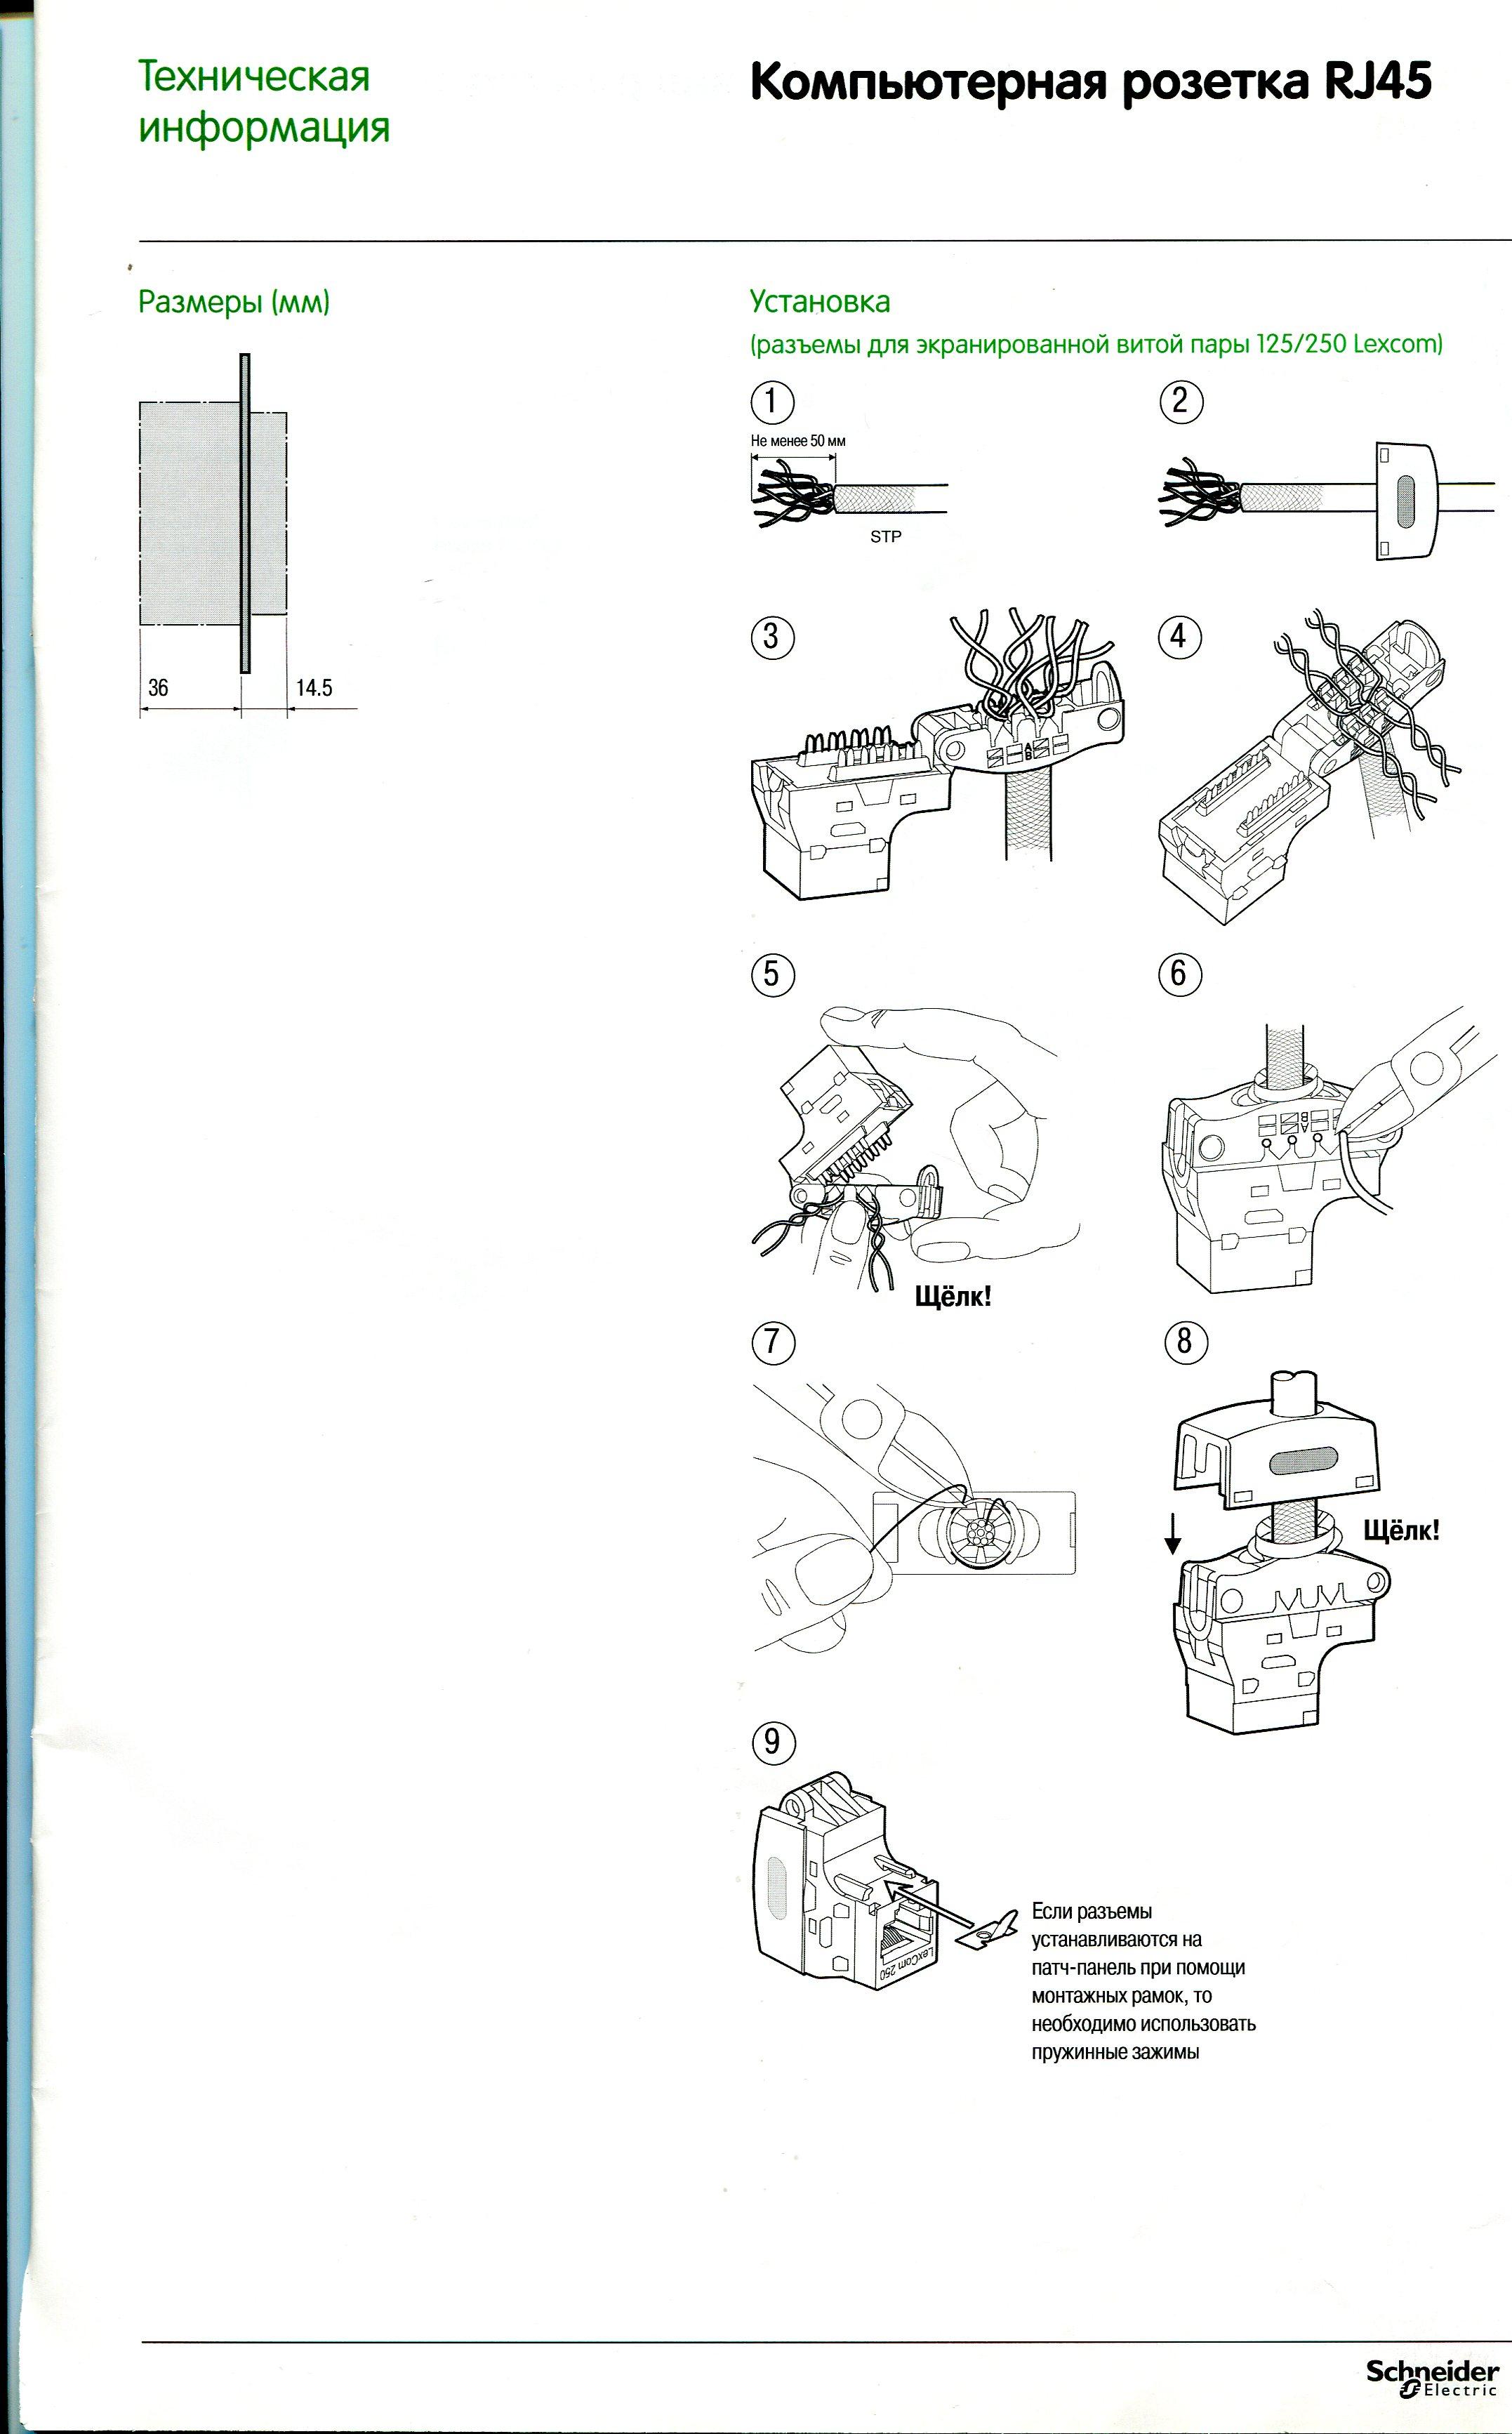 Подключение телефонной розетки схема провода цвет